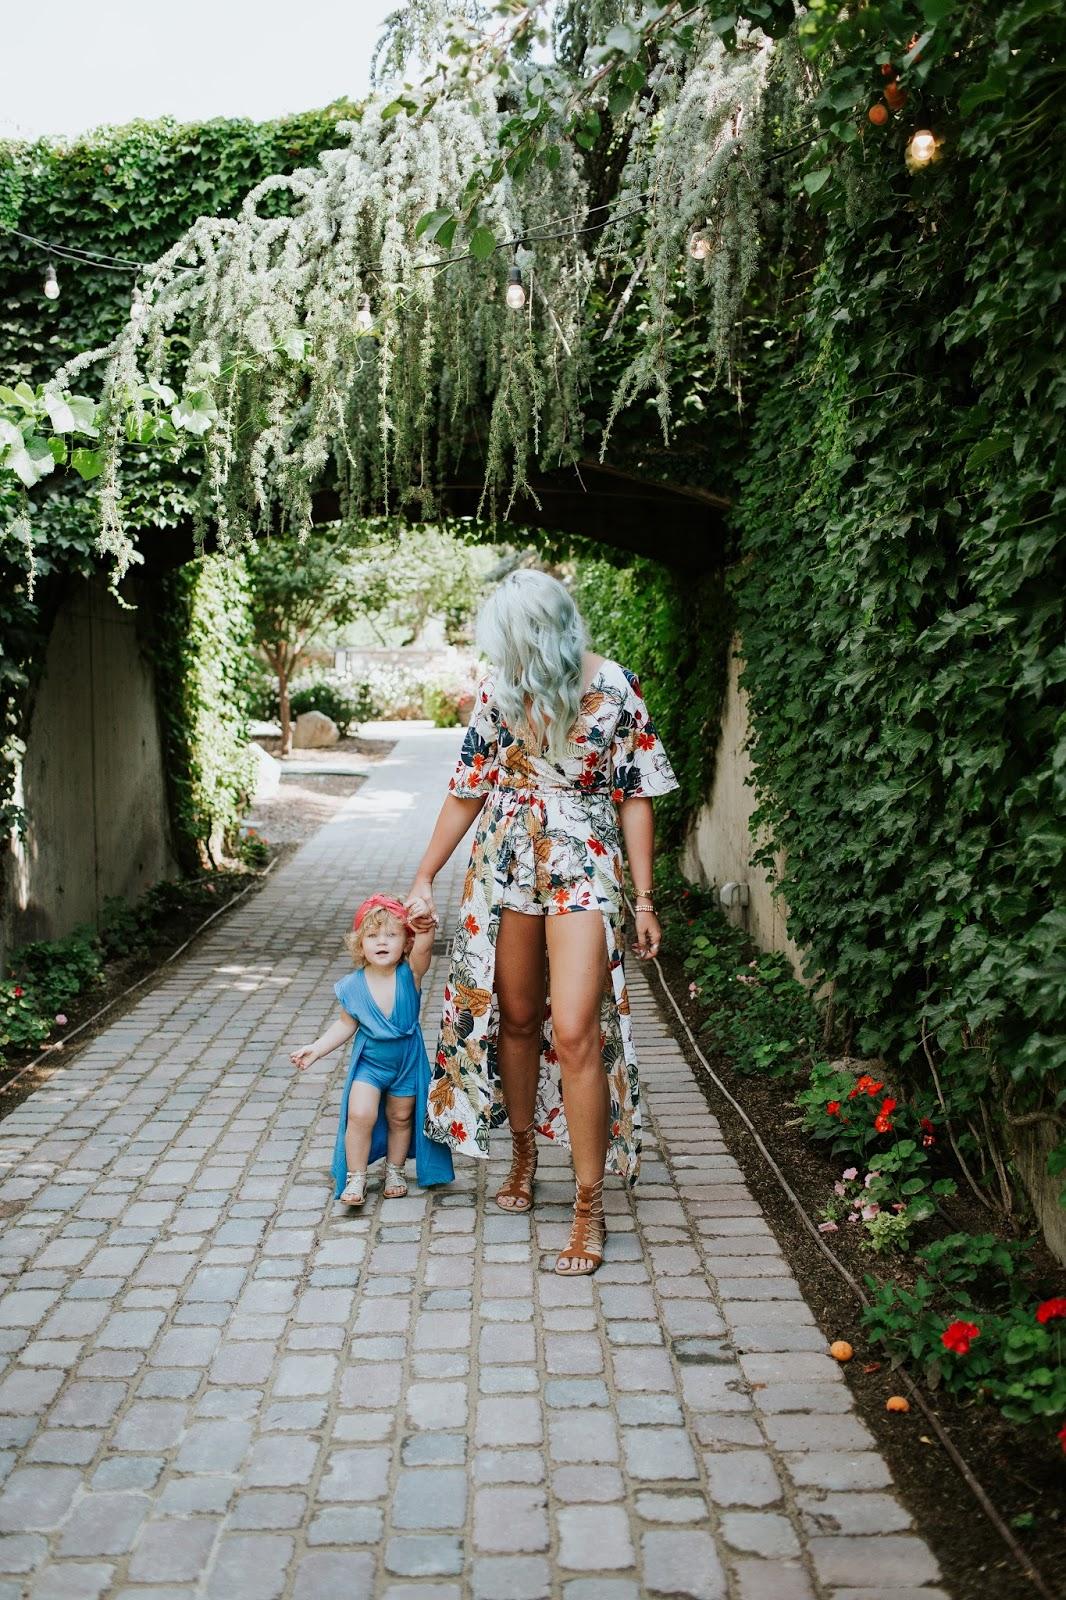 Chasing kids, Fashion Blogger